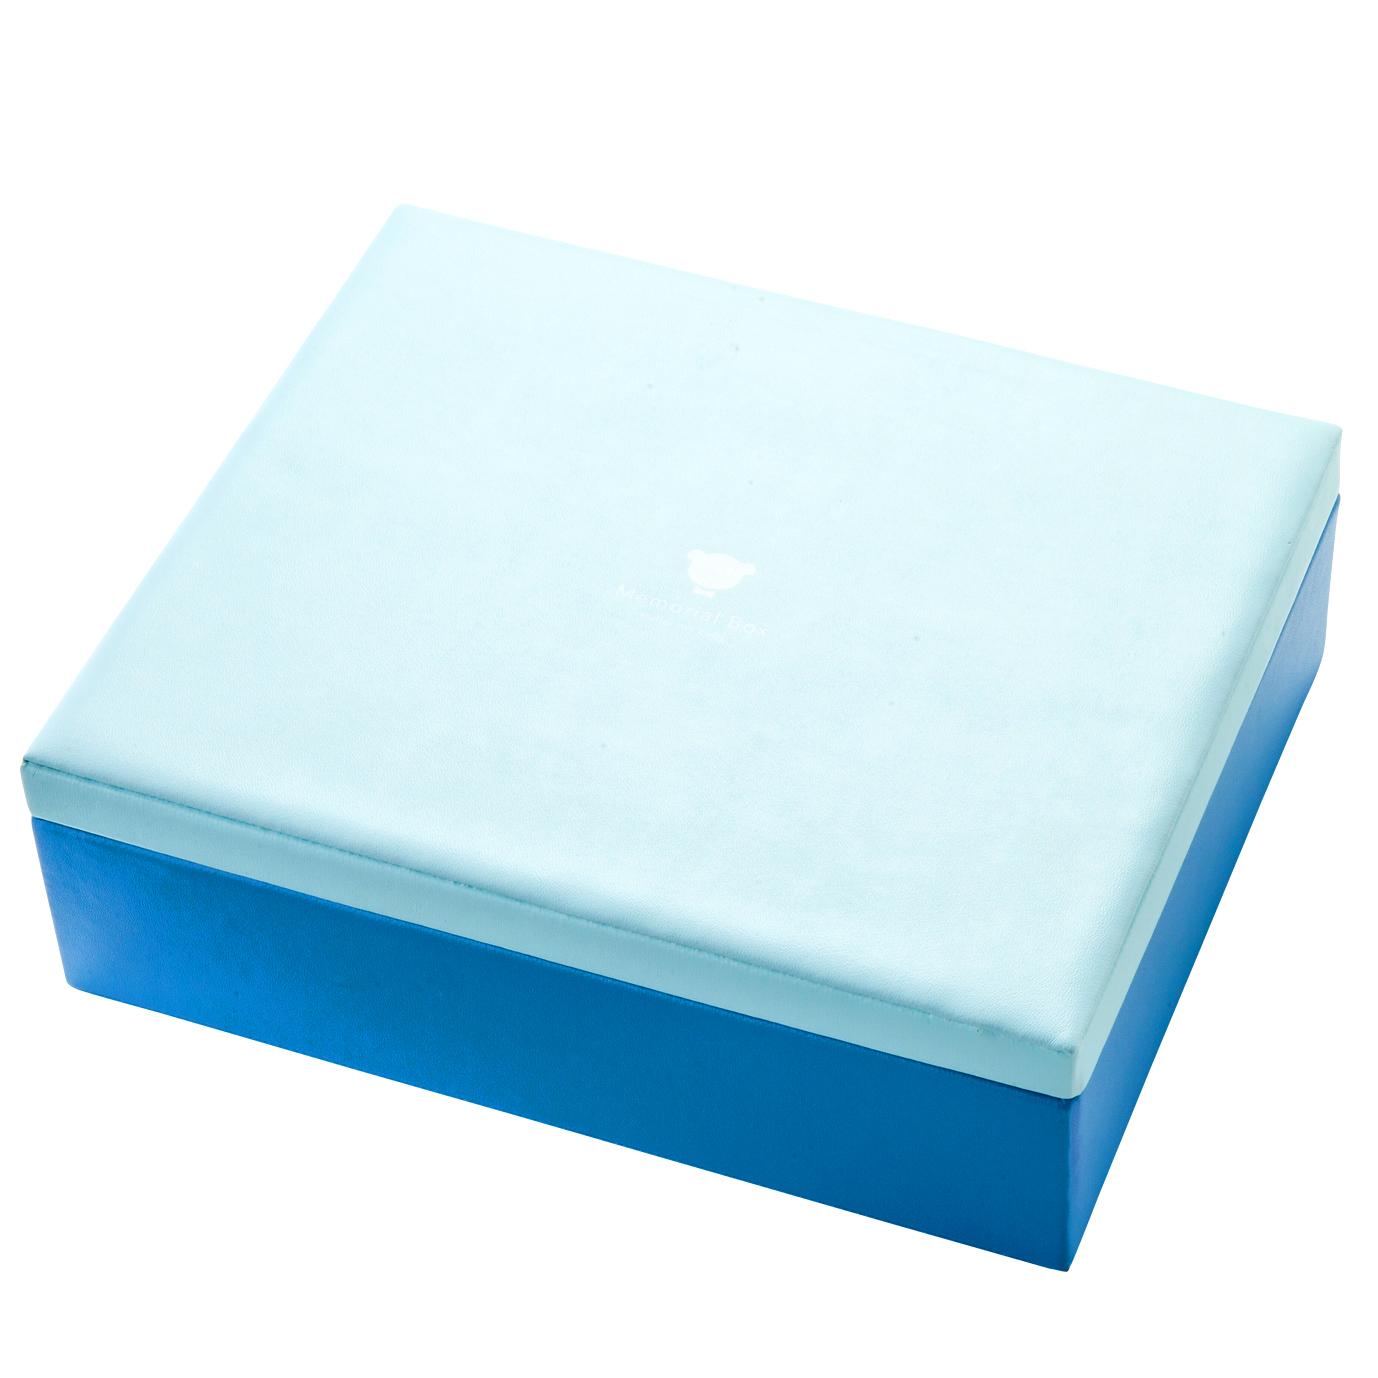 メモリアルグッズ / メモリアルボックス